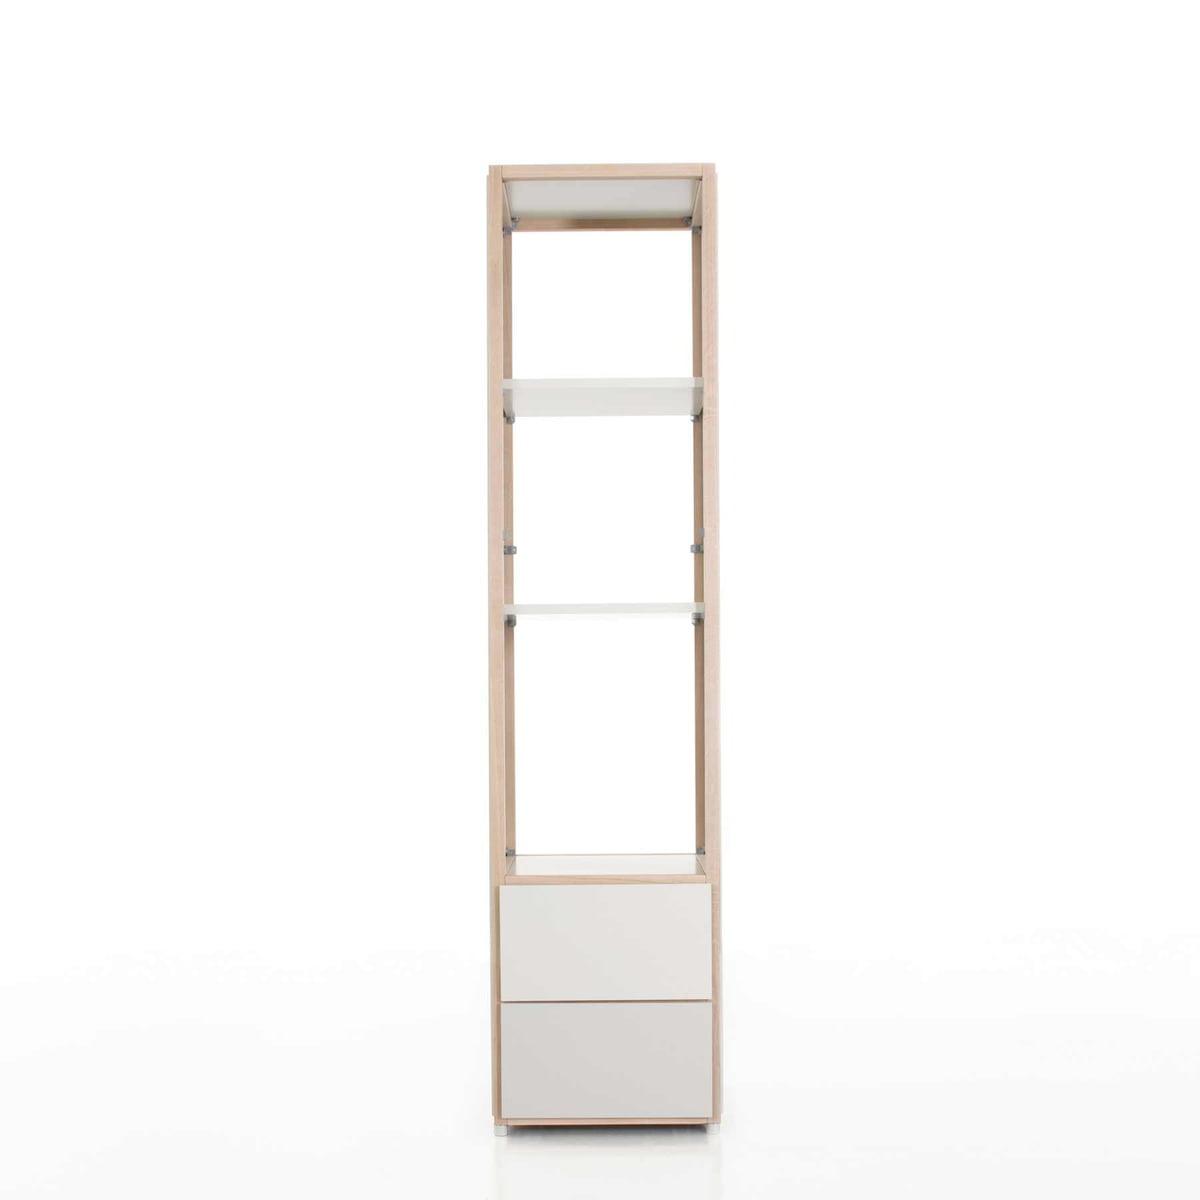 add regalturm von flötotto im design-shop